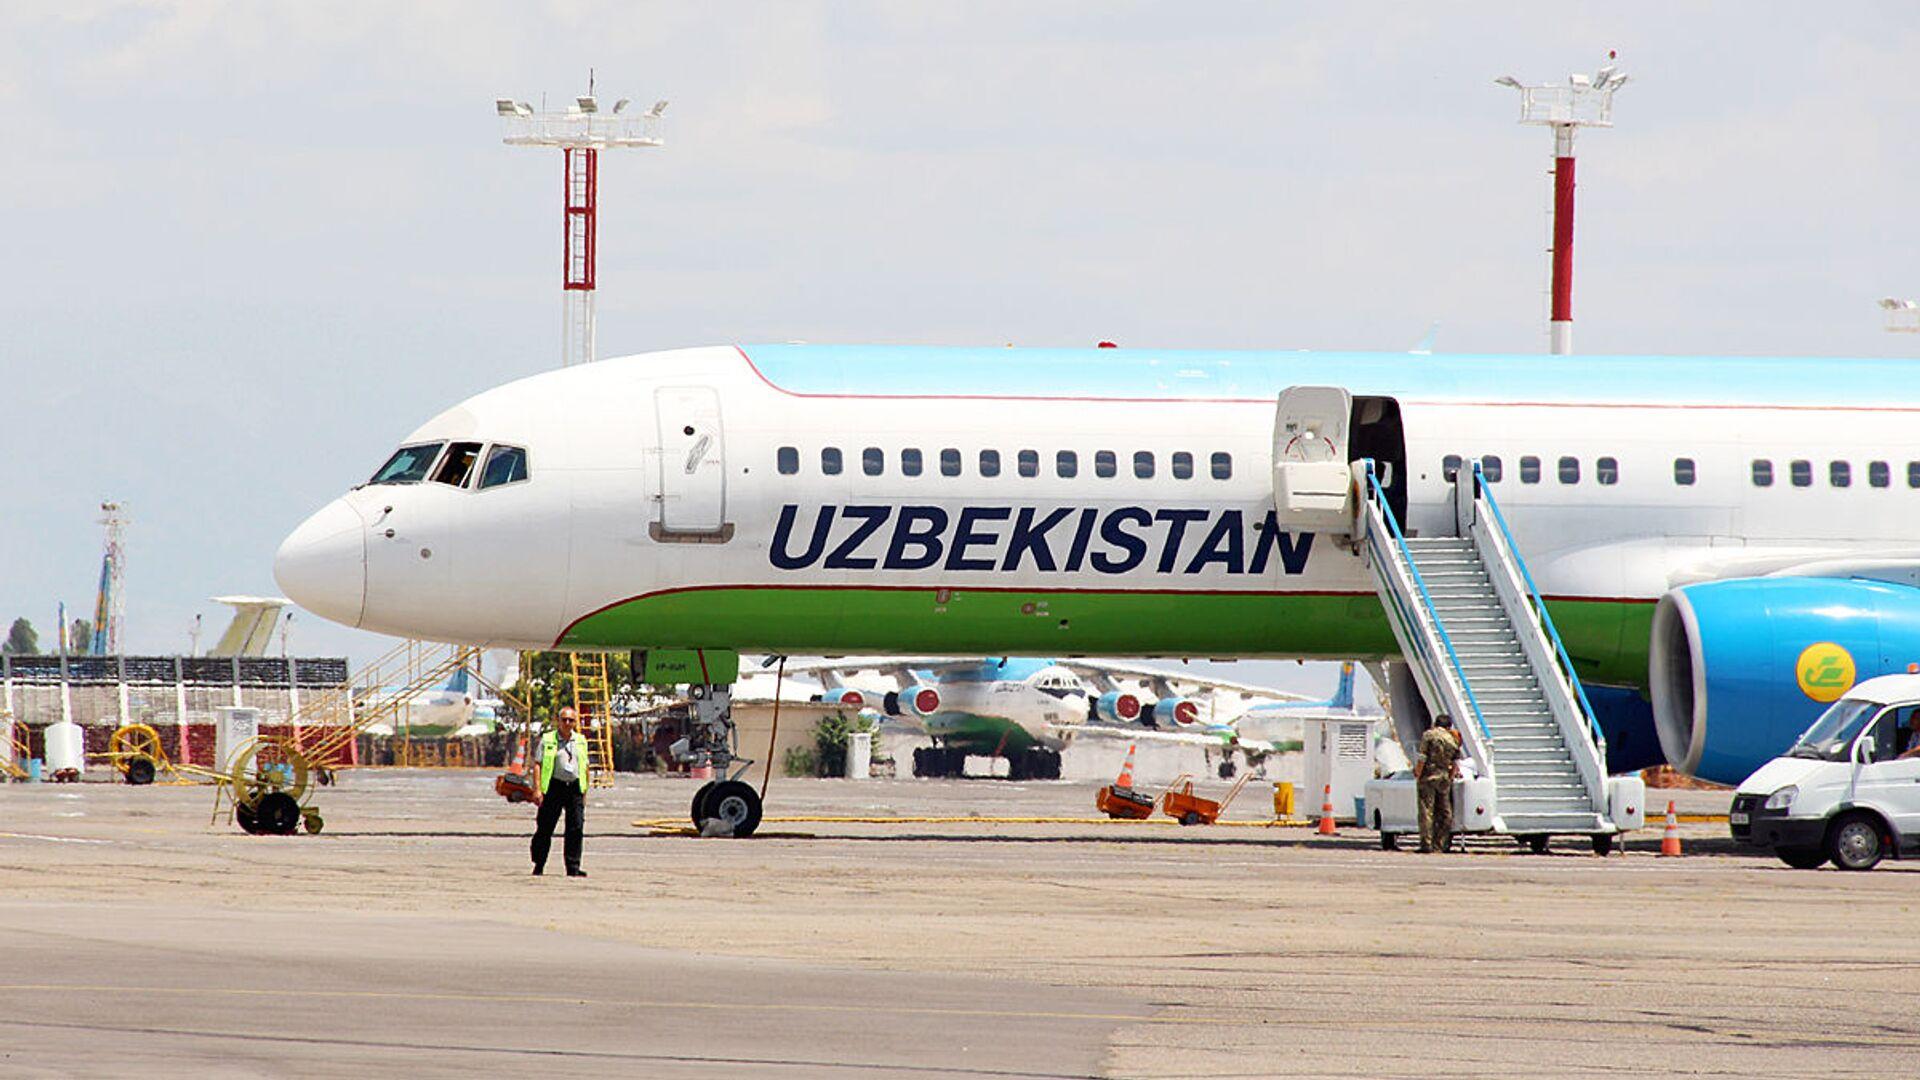 Boeing 757 узбекских авиалиний - Sputnik Ўзбекистон, 1920, 30.06.2021